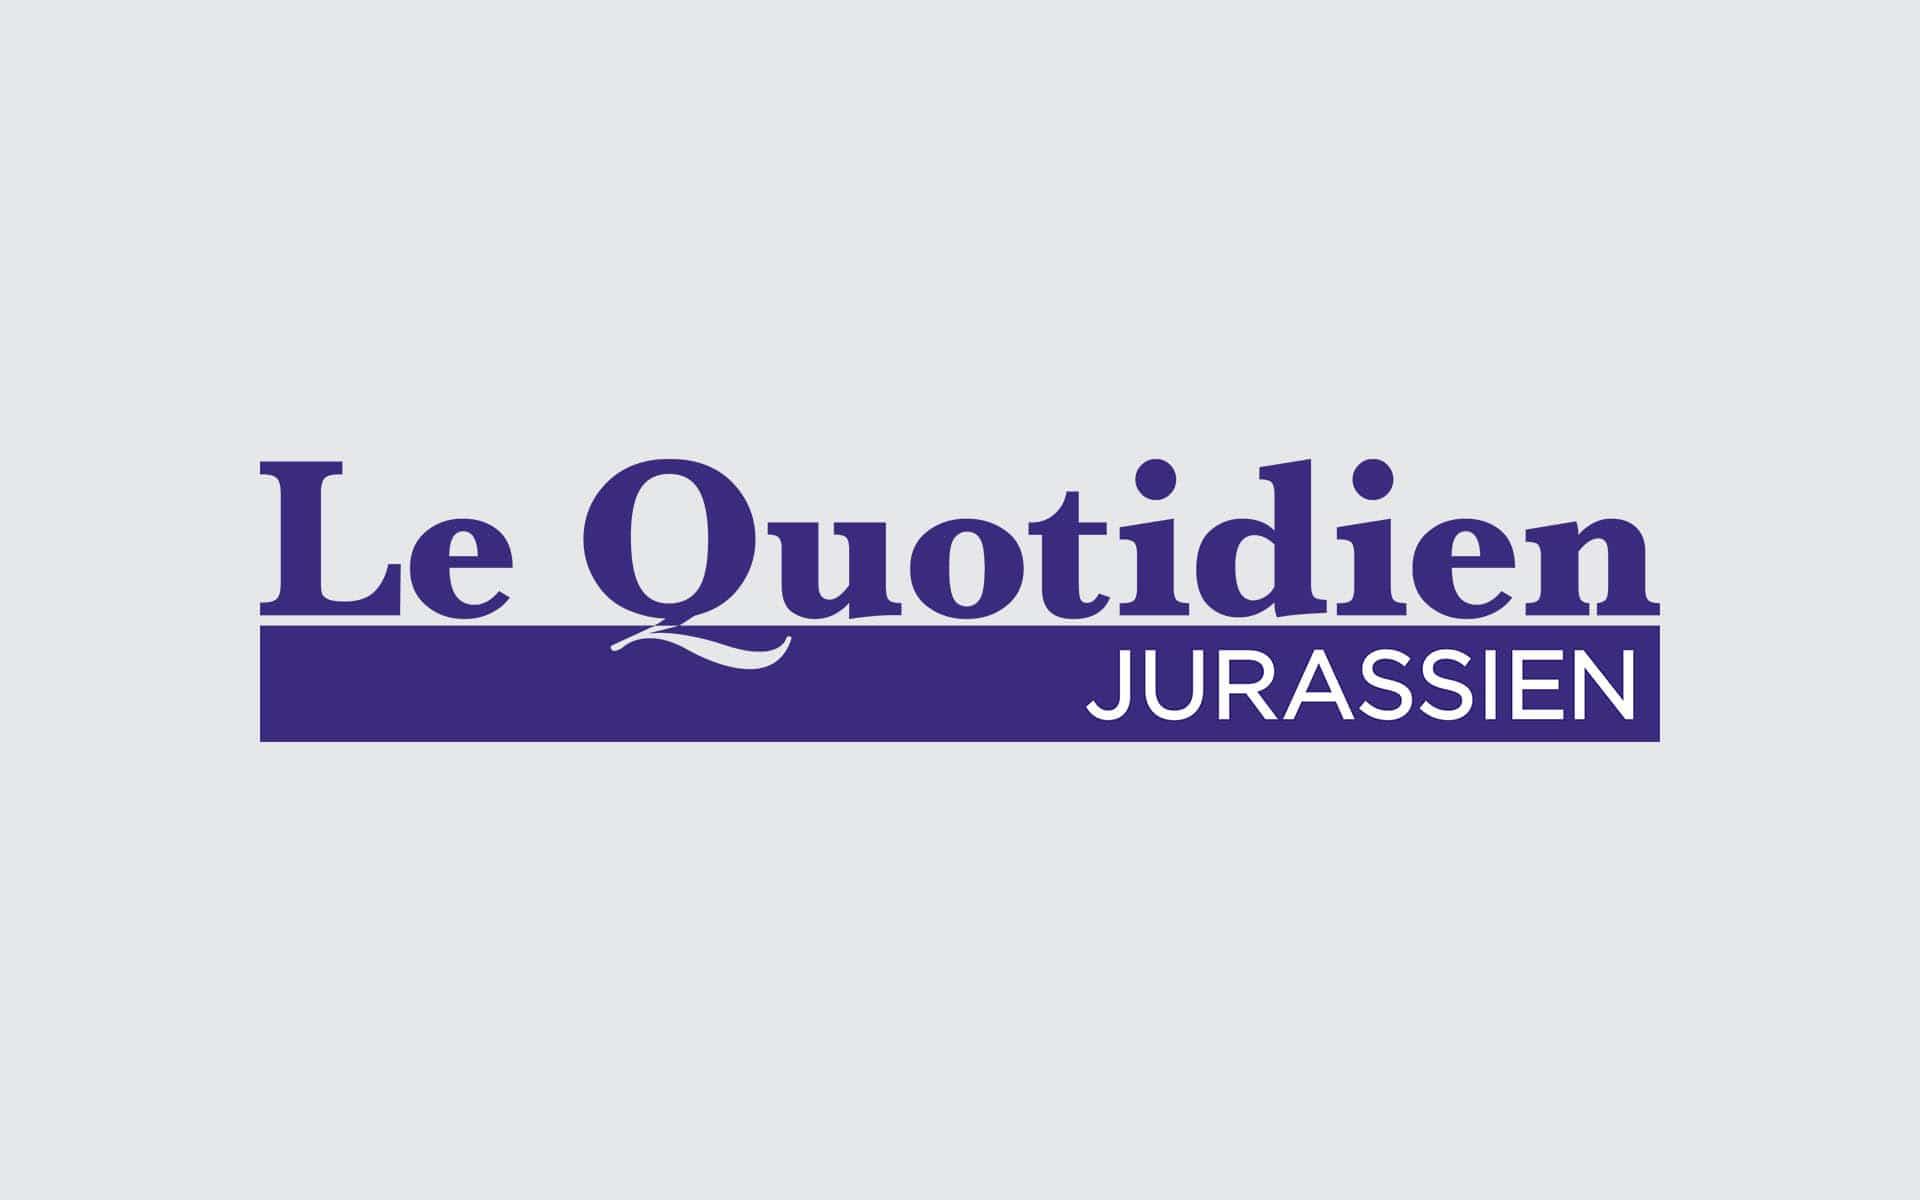 logo le quotidien jurassien